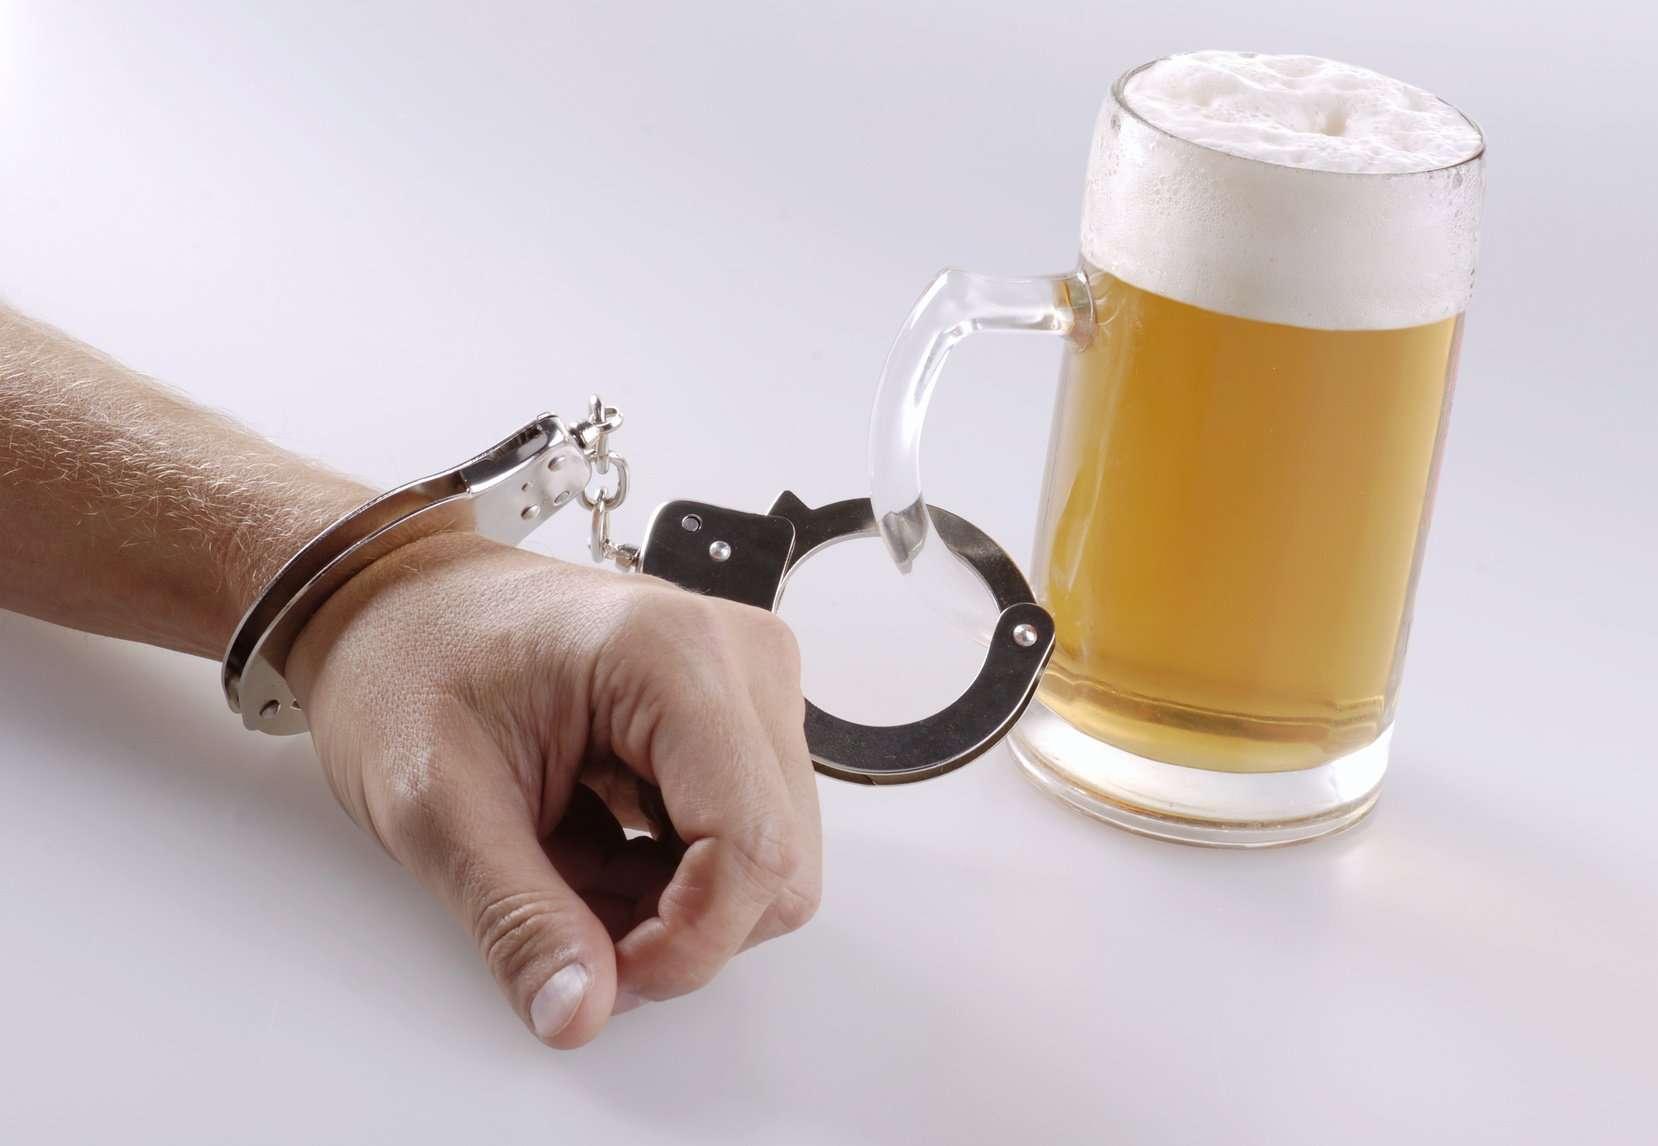 Лечение алкогольной зависимости